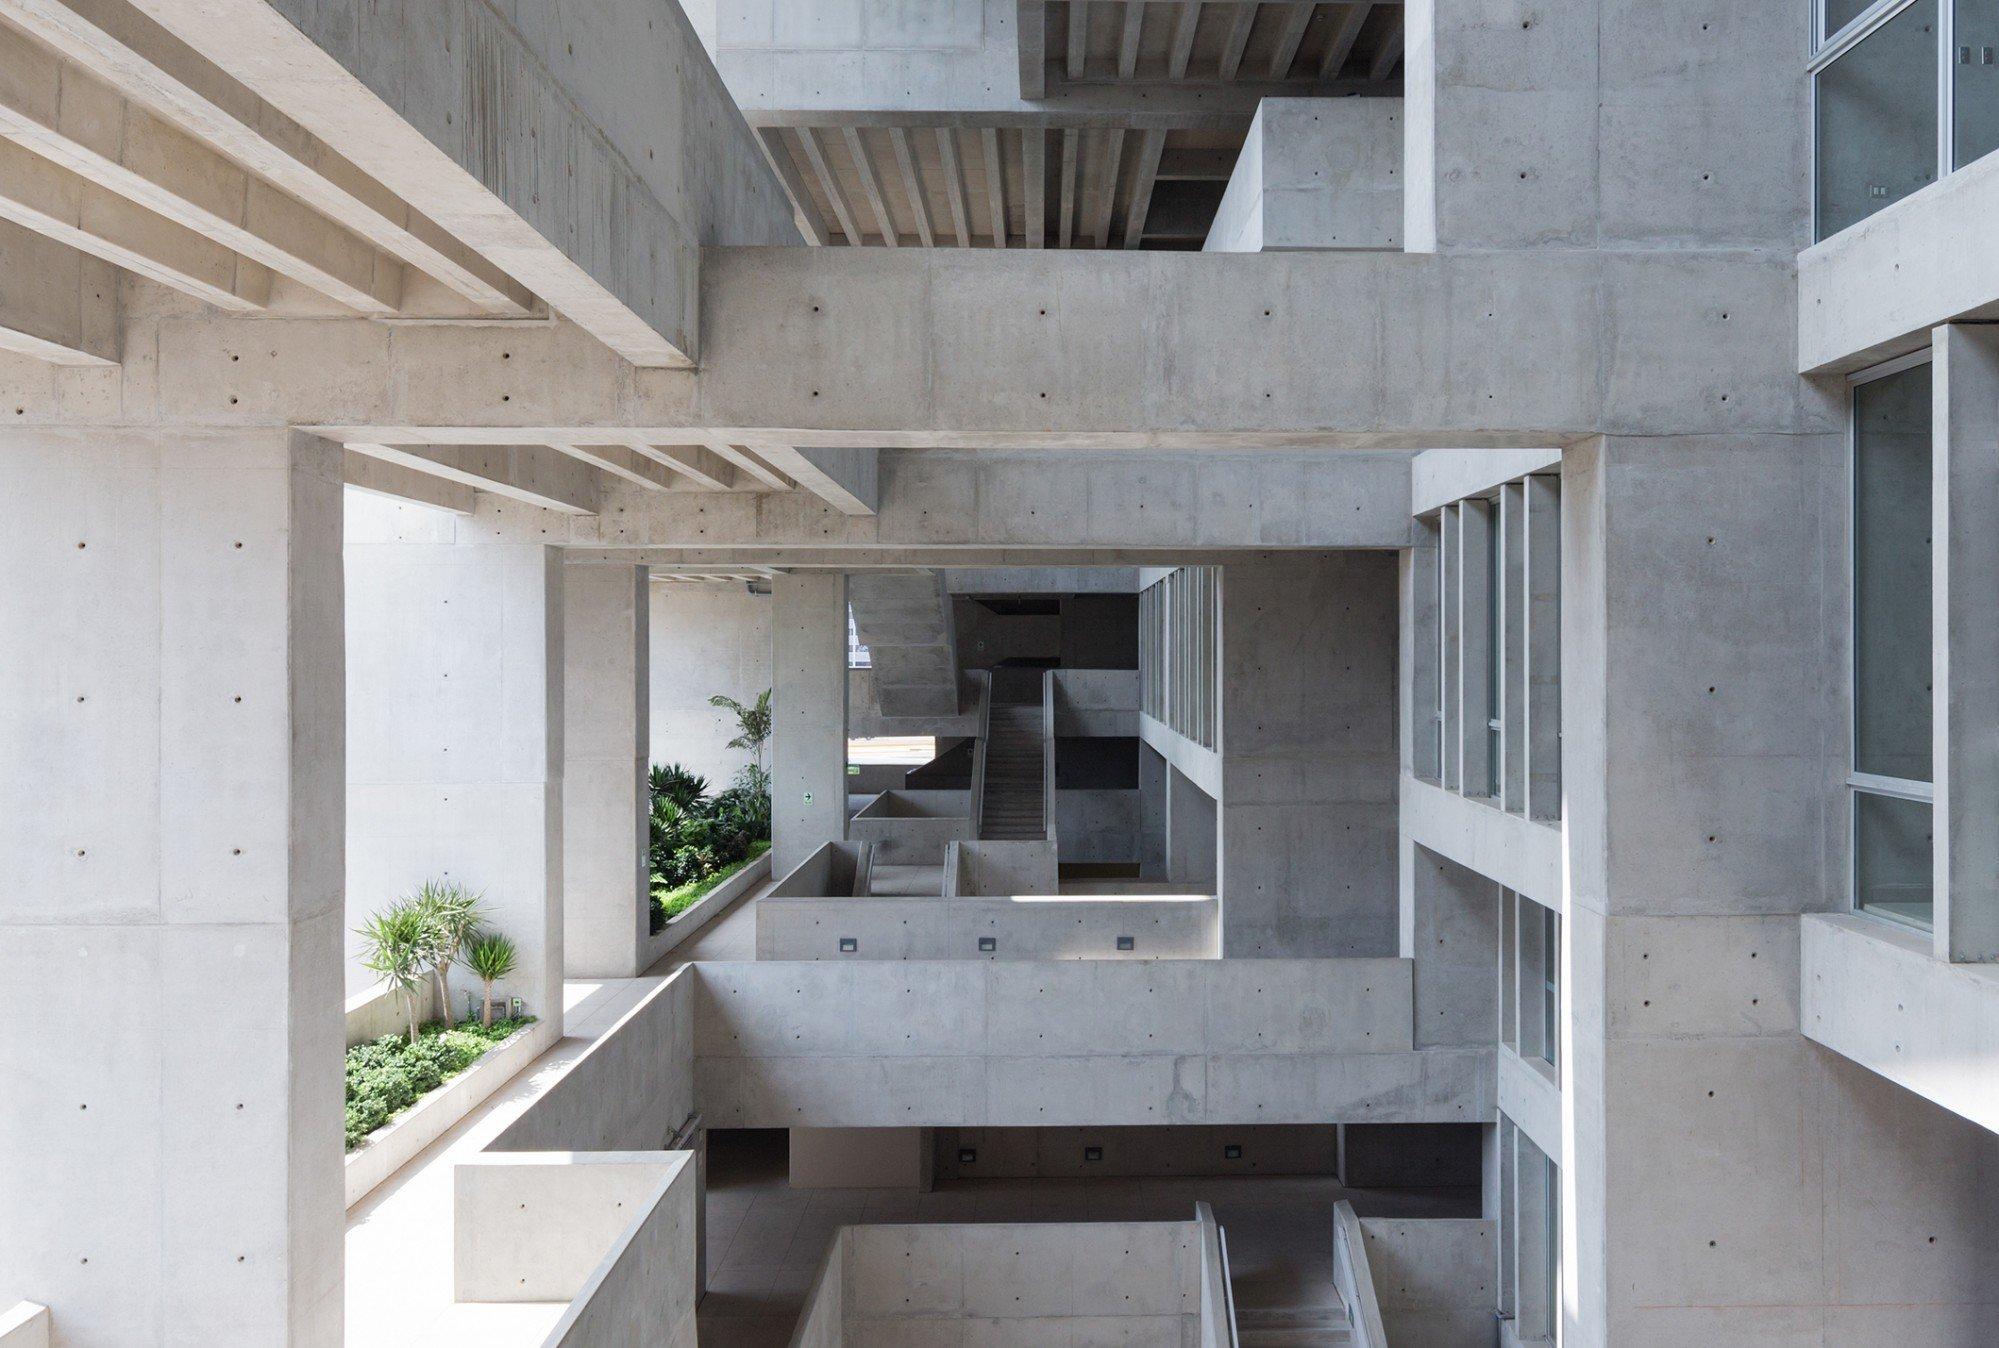 UTEC  – Universidad de Ingenieria y Tecnologia, Iwan Baan, courtesy of Grafton Architects